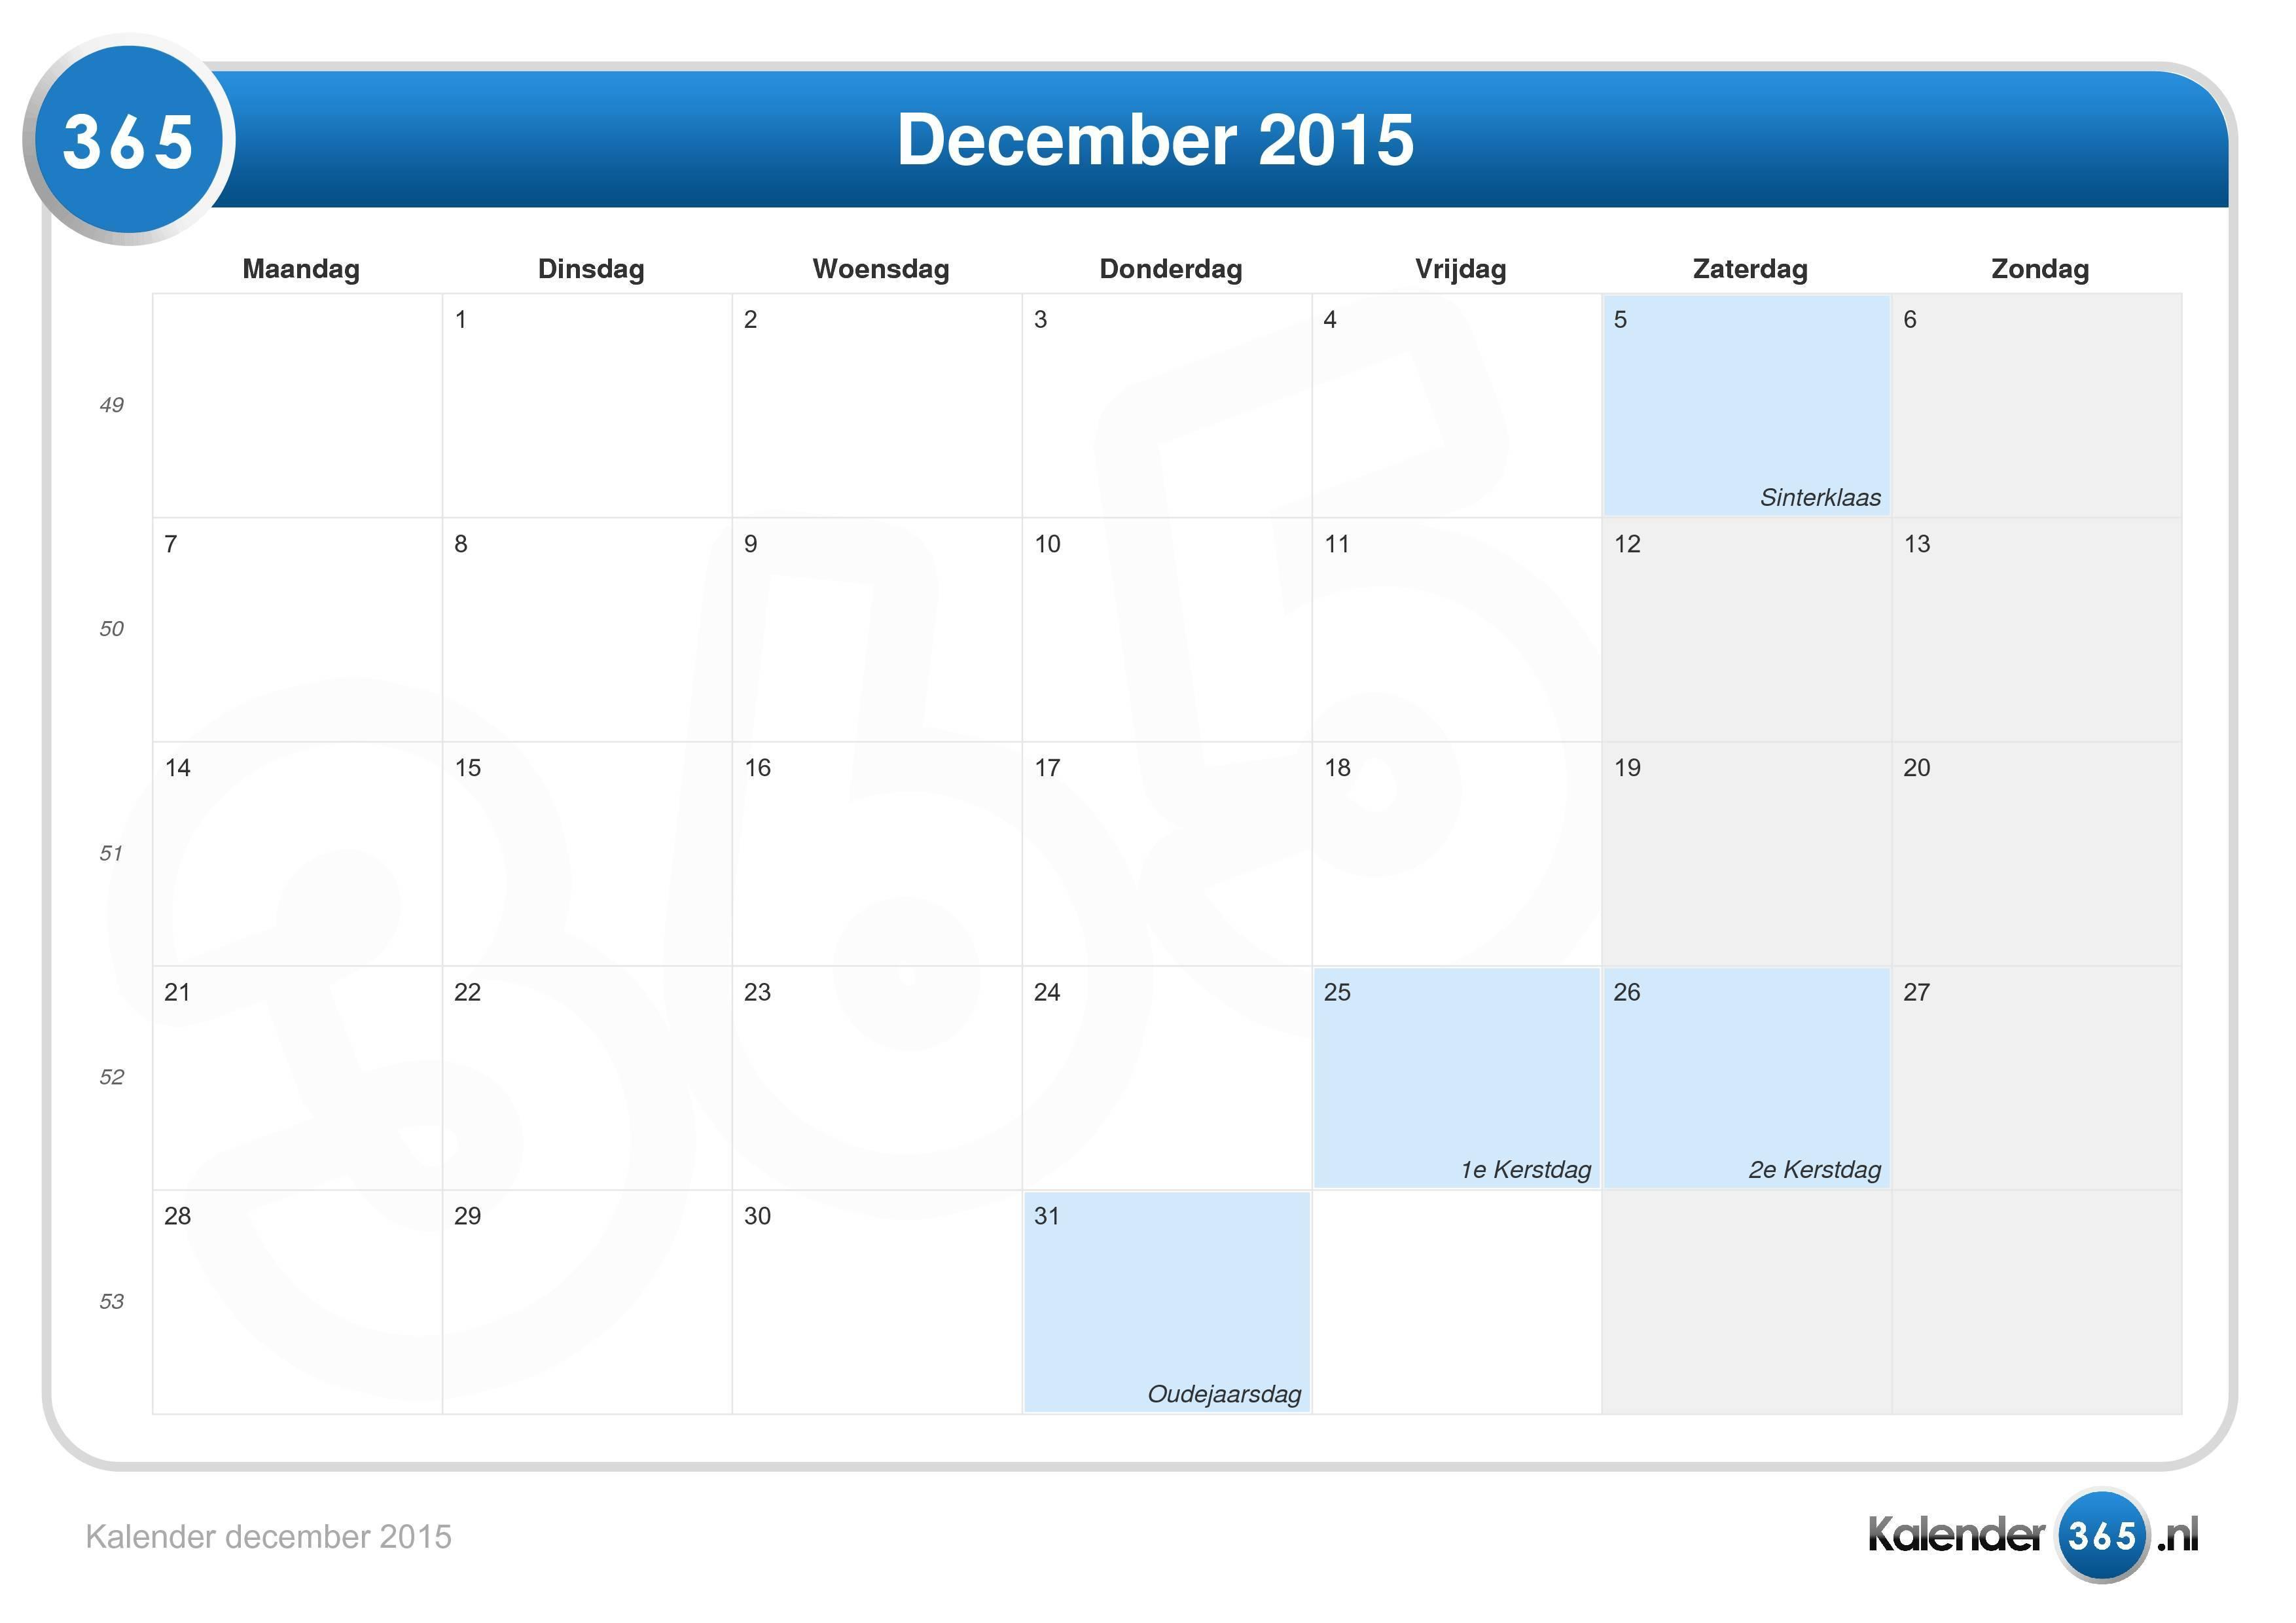 December 2015 2015 Images   Calendar Template 2016